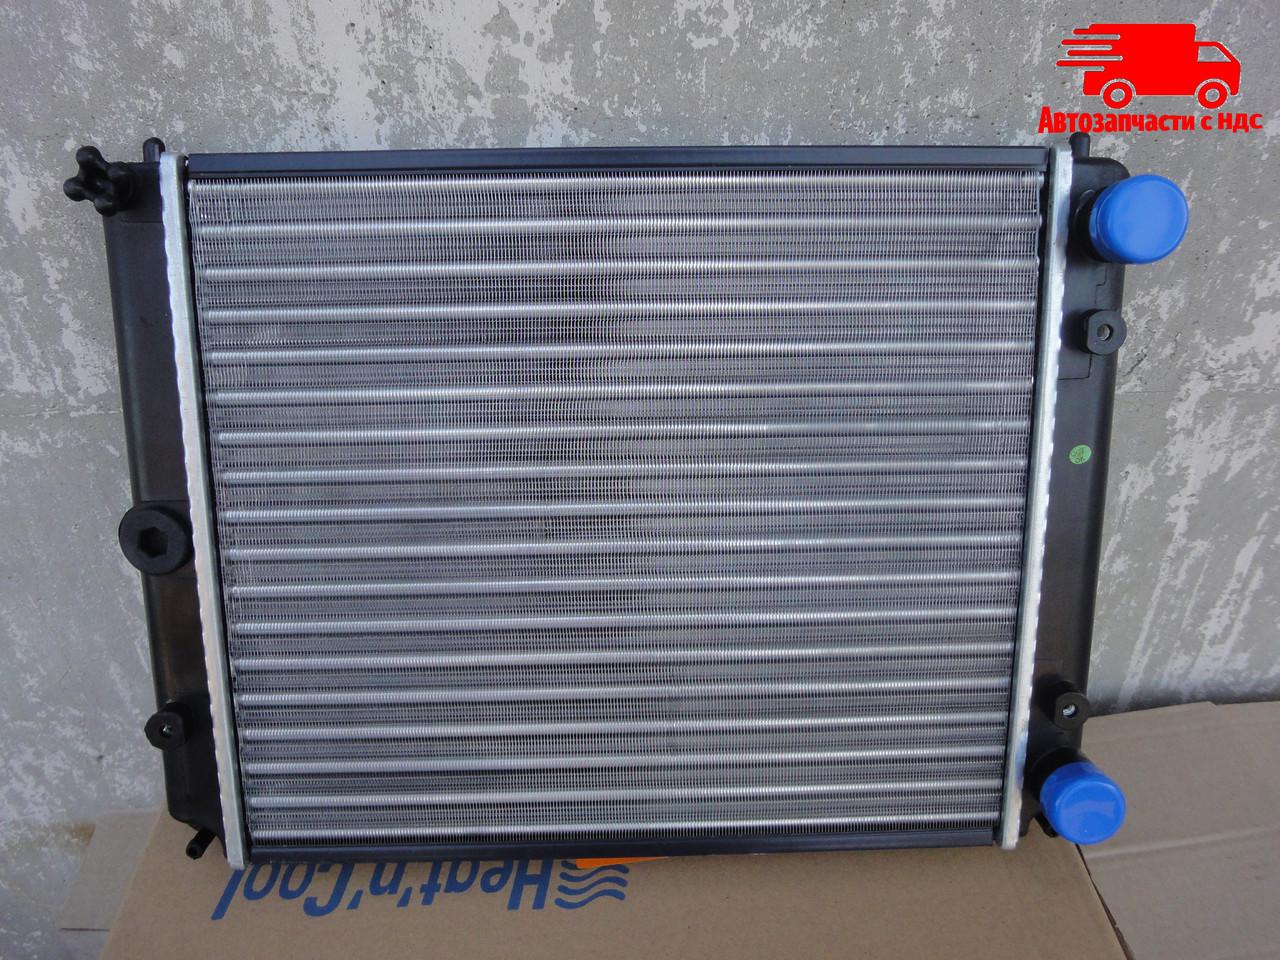 Радиатор водяного охлаждения ТАВРИЯ (TEMPEST). 1102-1301012. Ціна з ПДВ.